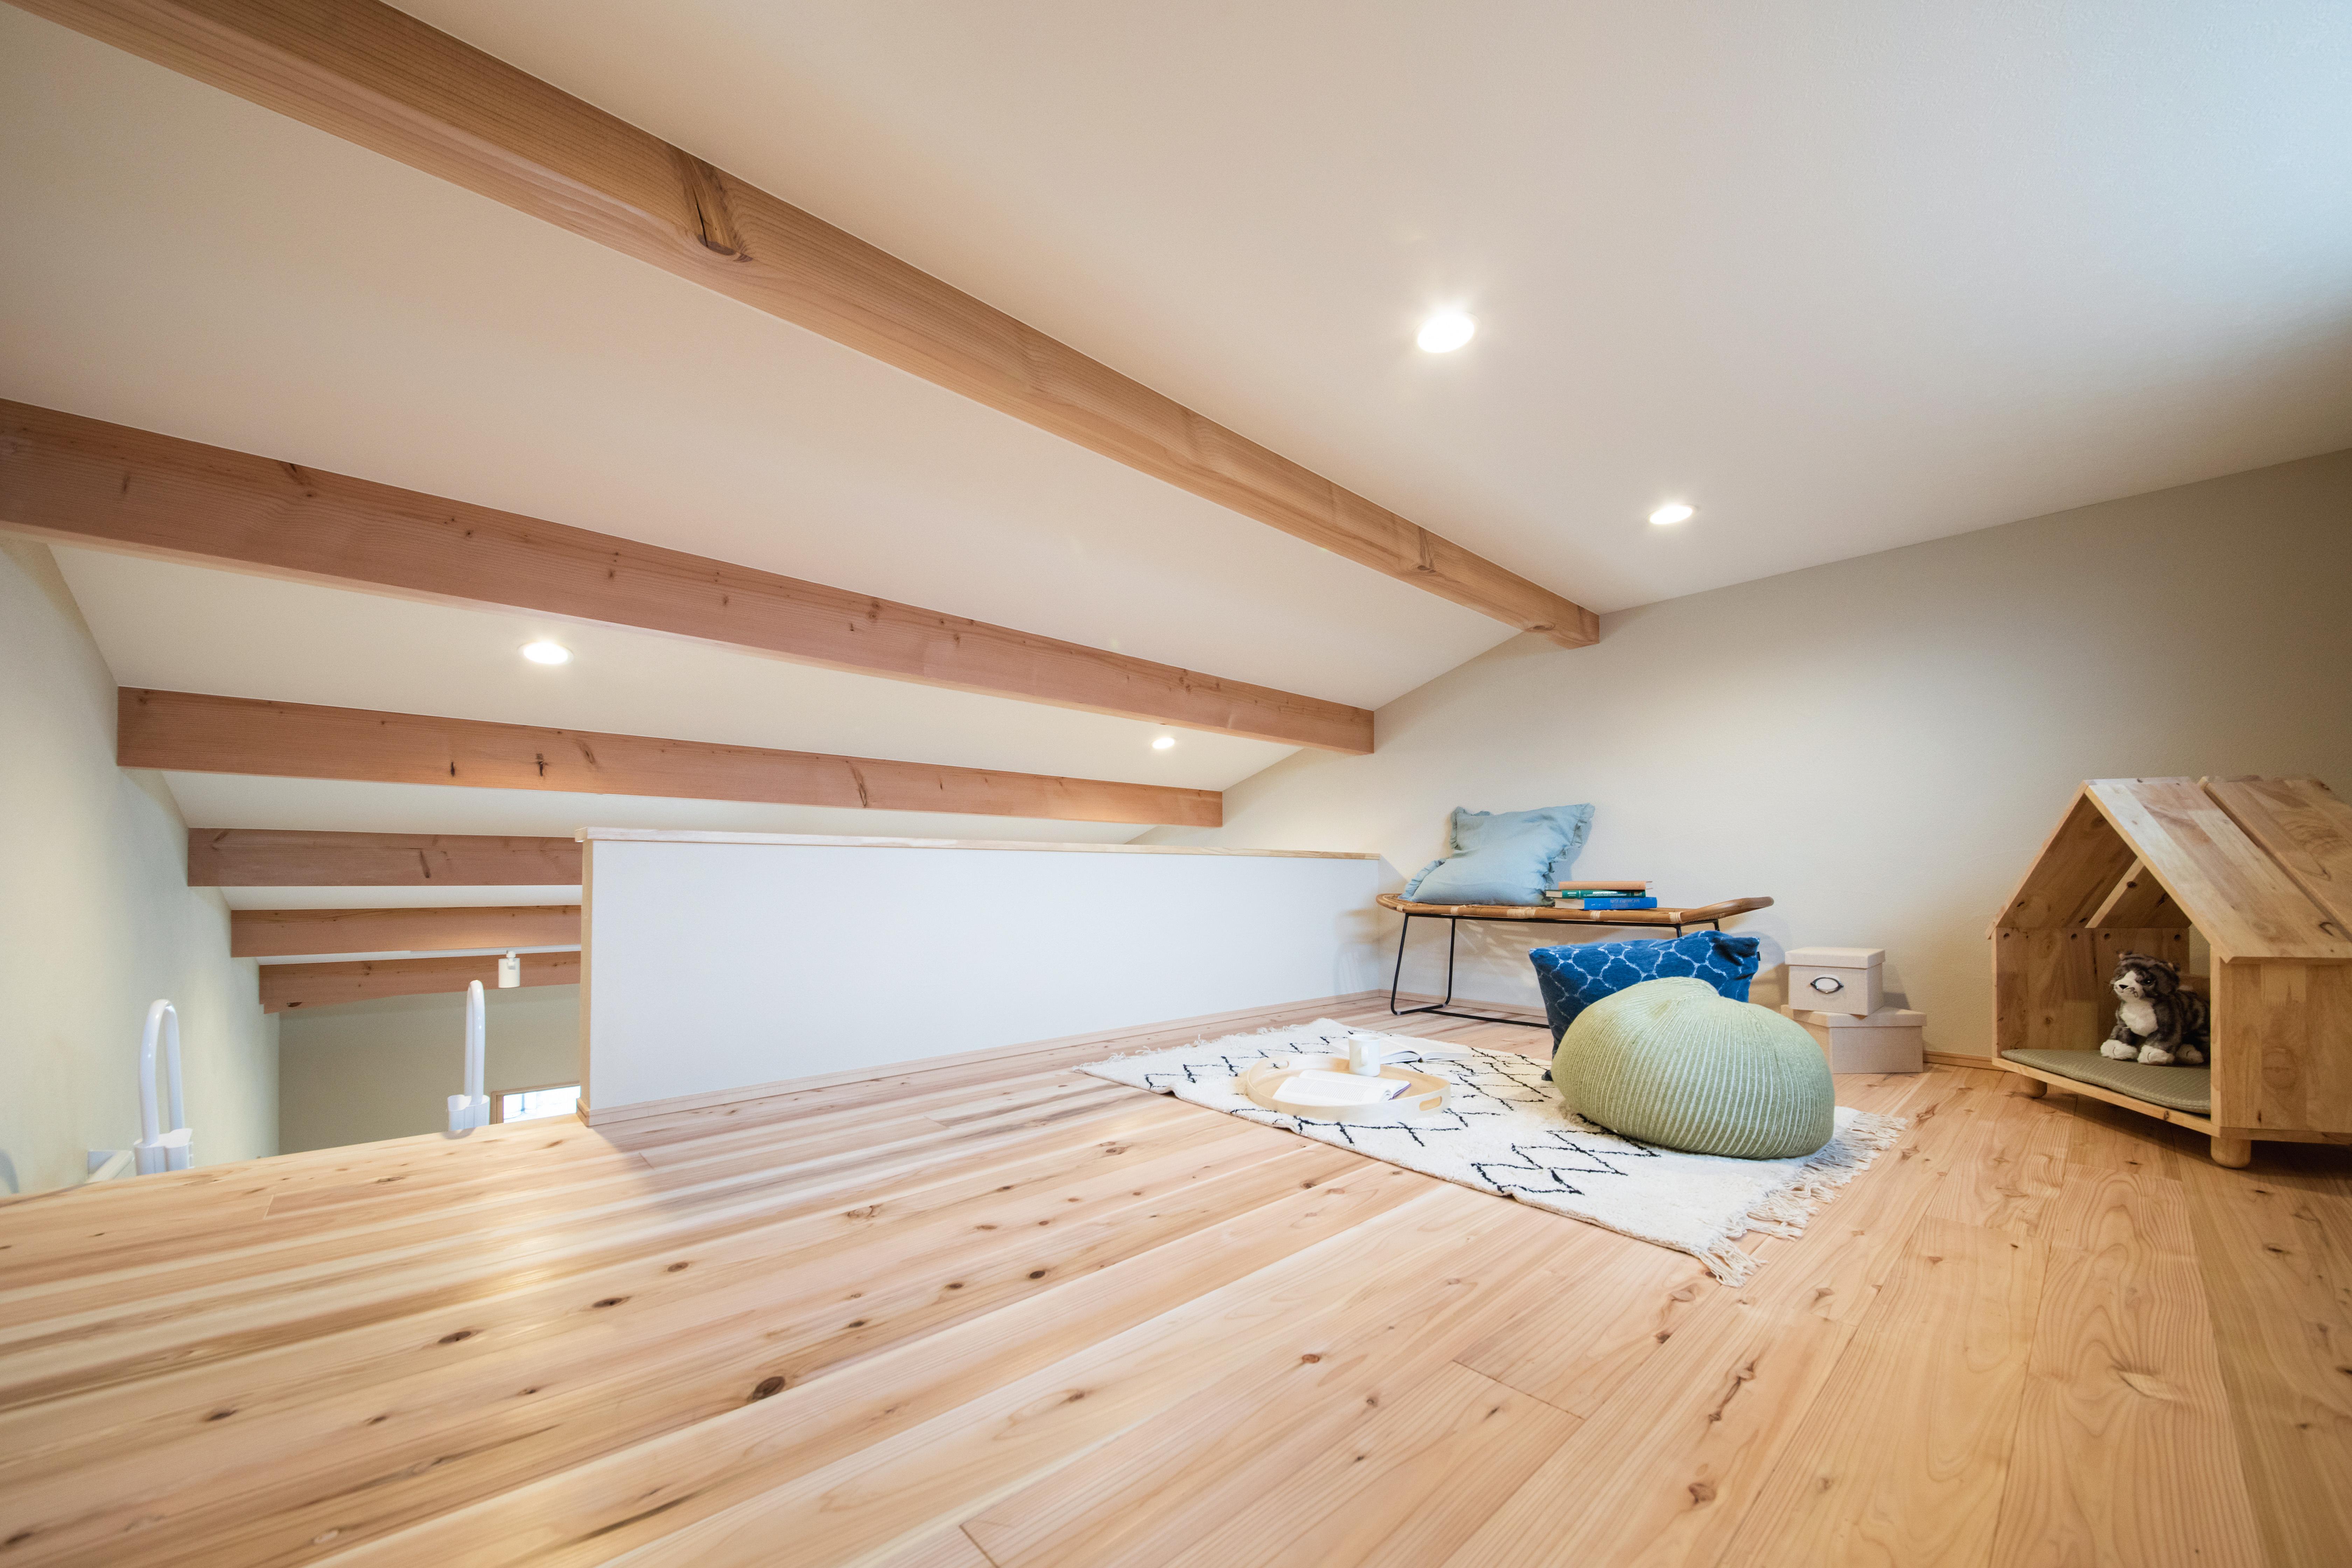 しんせつハウス【磐田市福田中島・モデルハウス】梯子を上るとロフトに到着。スギの無垢の床に直に座ると、温かみと柔らかさが伝わってきて、なんとも心地よい。趣味の空間やミニ書斎、子どもの遊び場など、多目的に利用できる